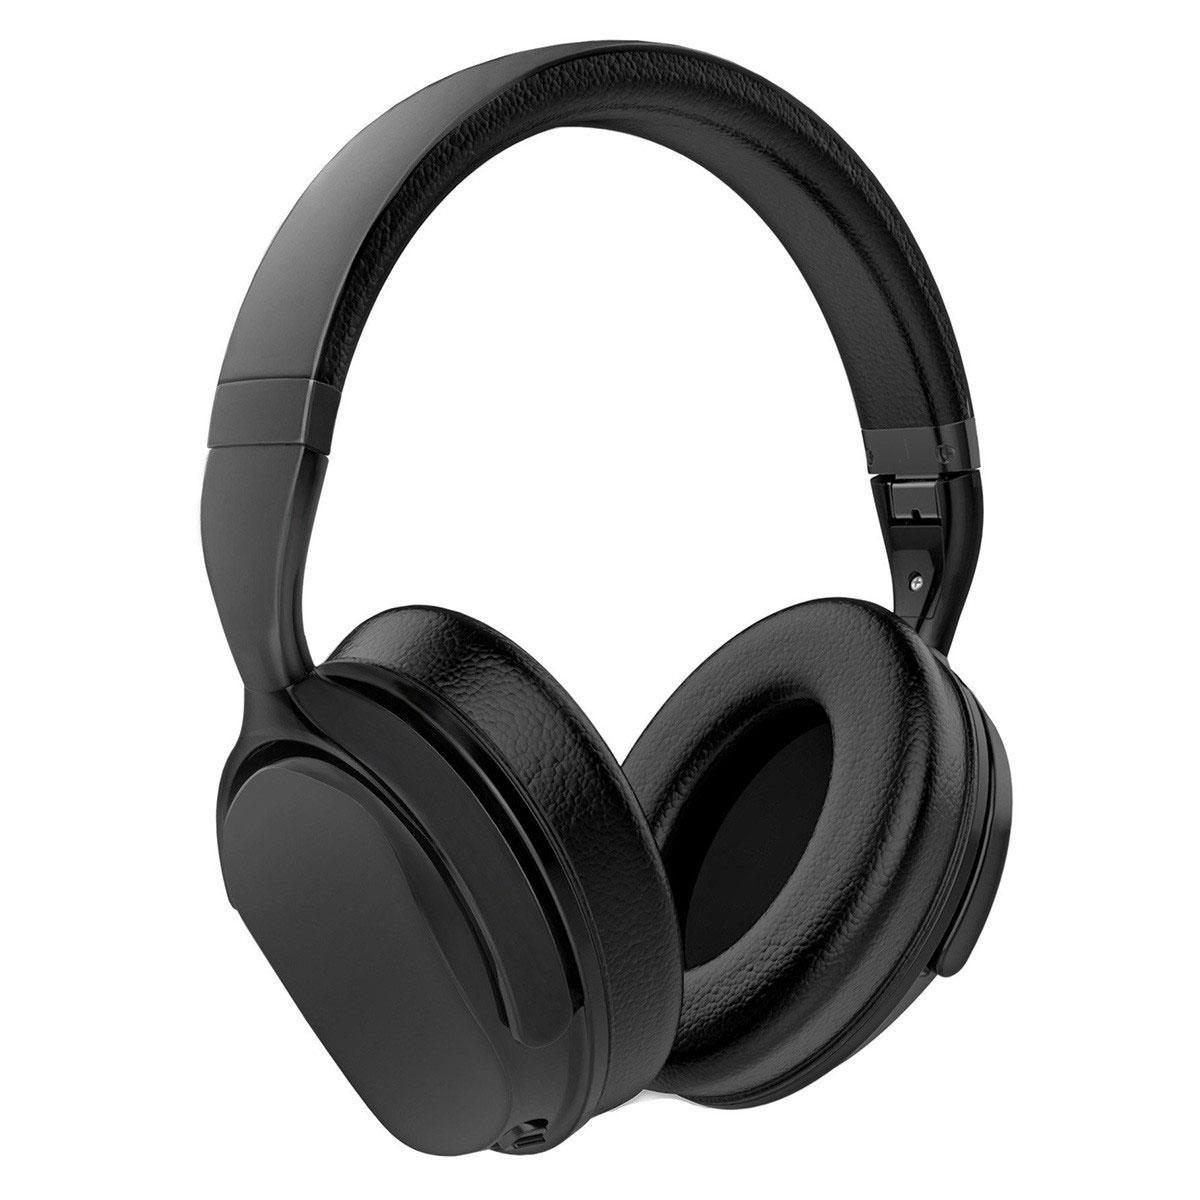 Shop noise-cancelling headphones